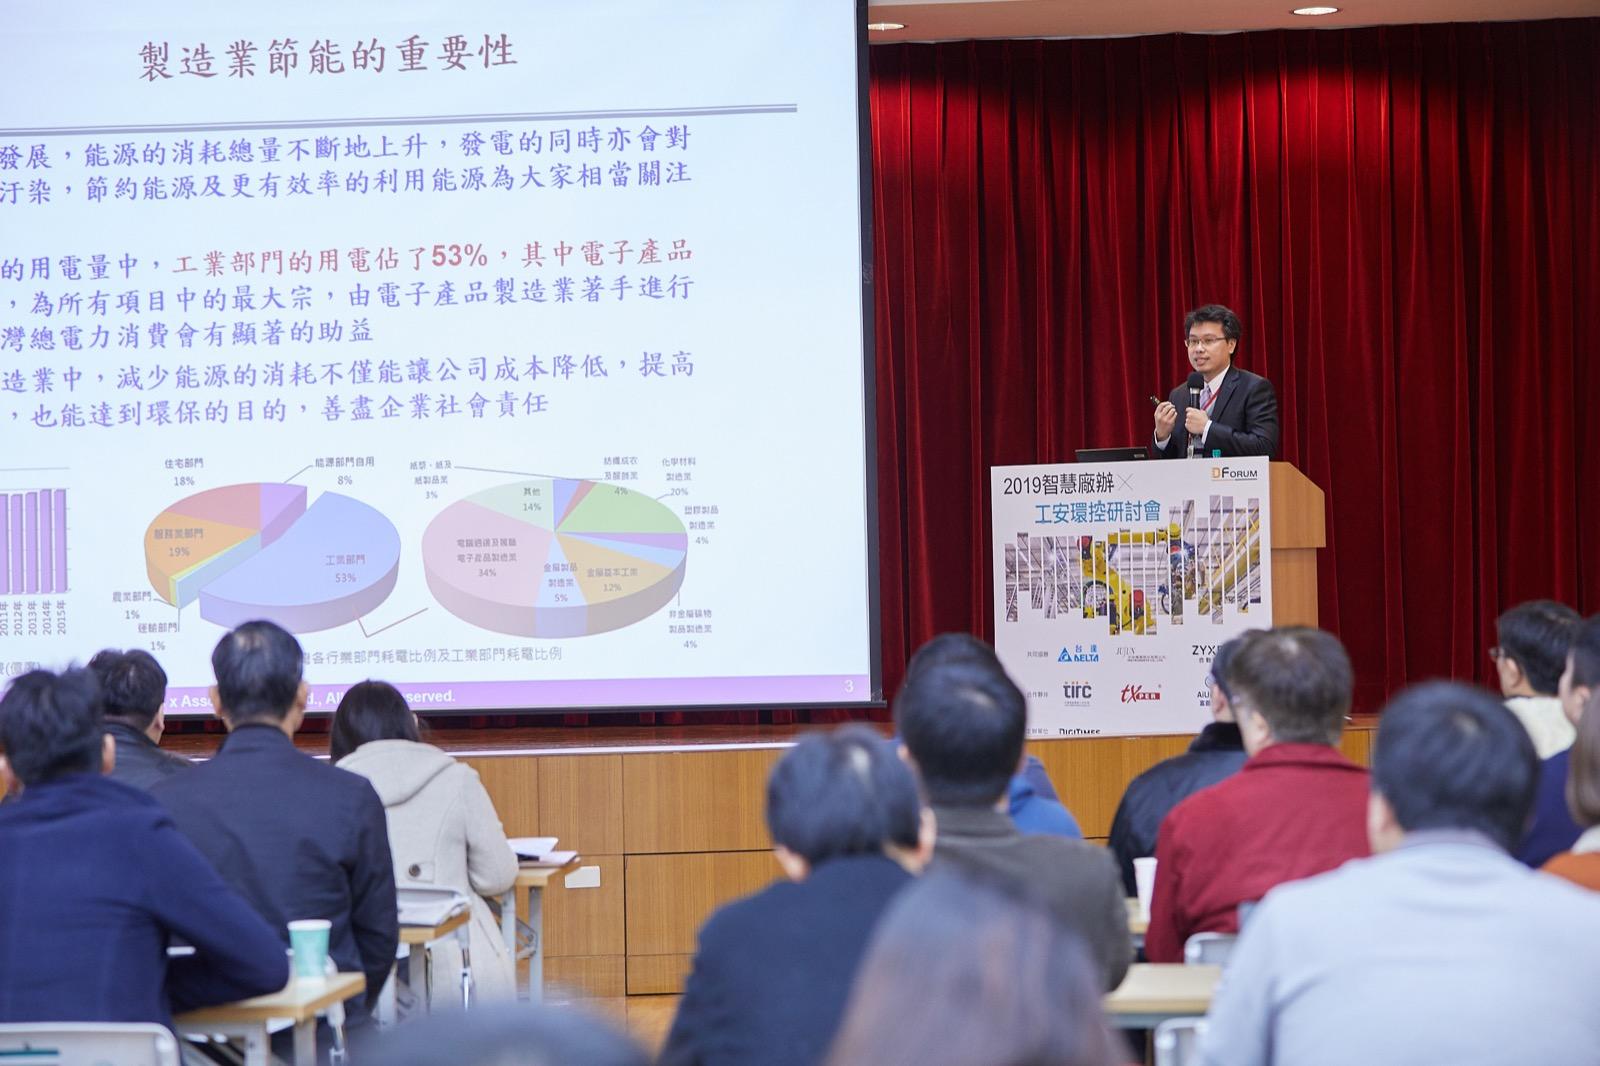 陳暎仁博士代表團隊於Digitimes舉辦之2019智慧廠辦與工安環控研討會分享研發技術